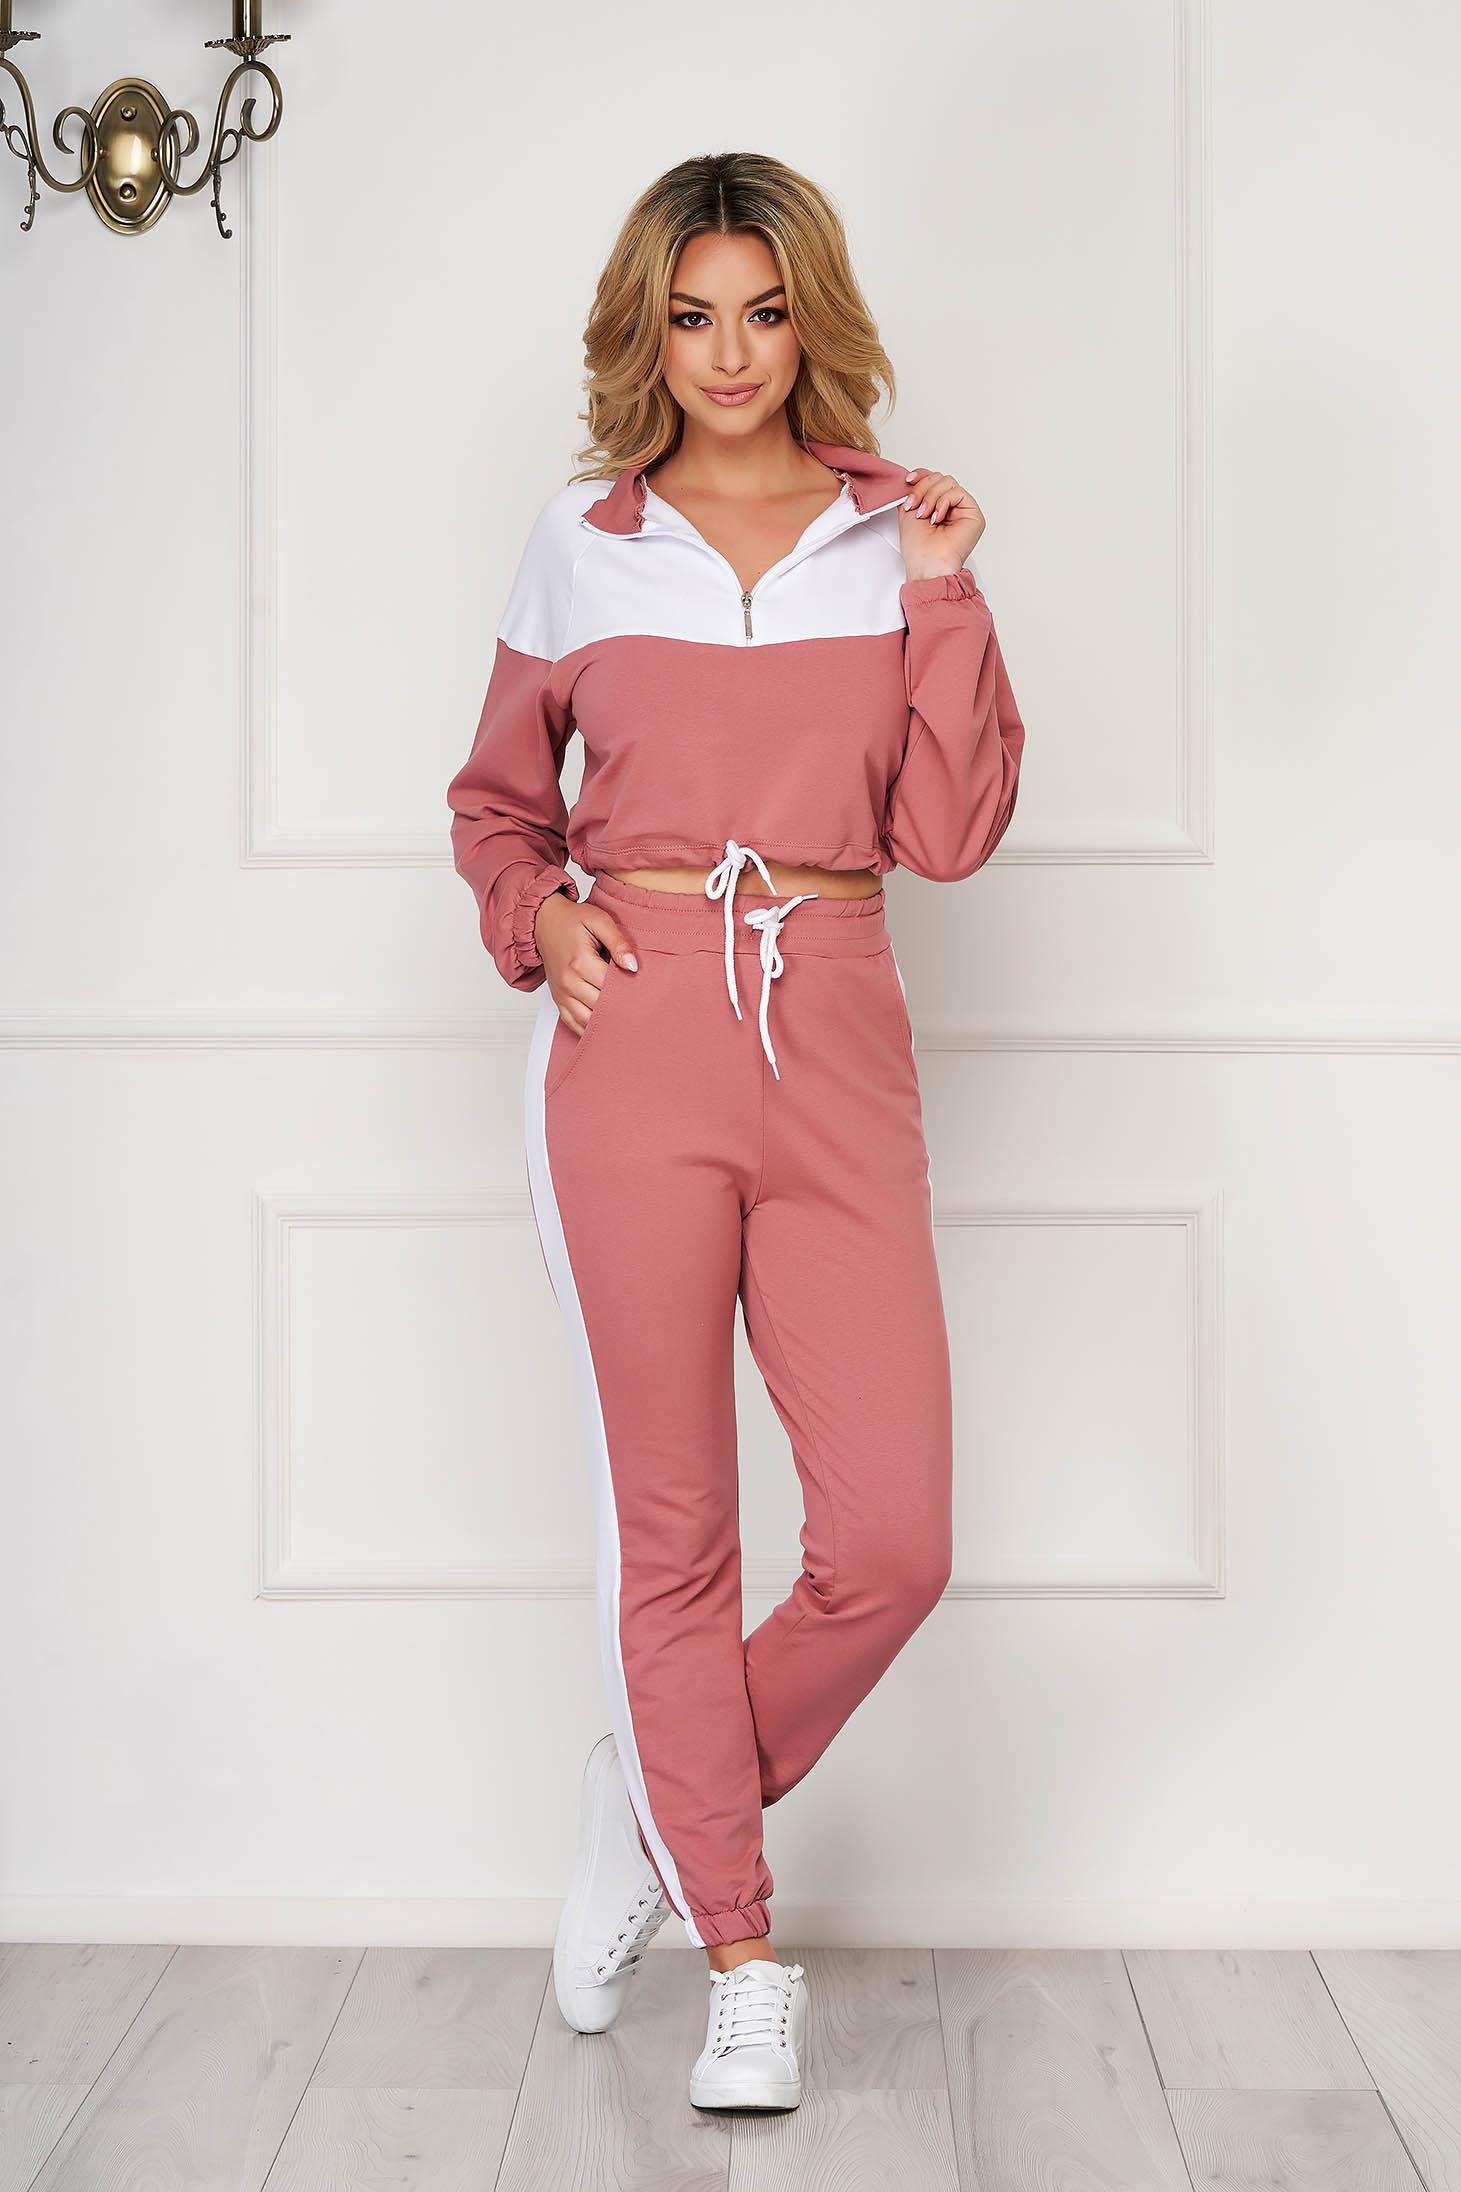 Trening dama SunShine roz prafuit sport din doua piese cu pantaloni din bumbac